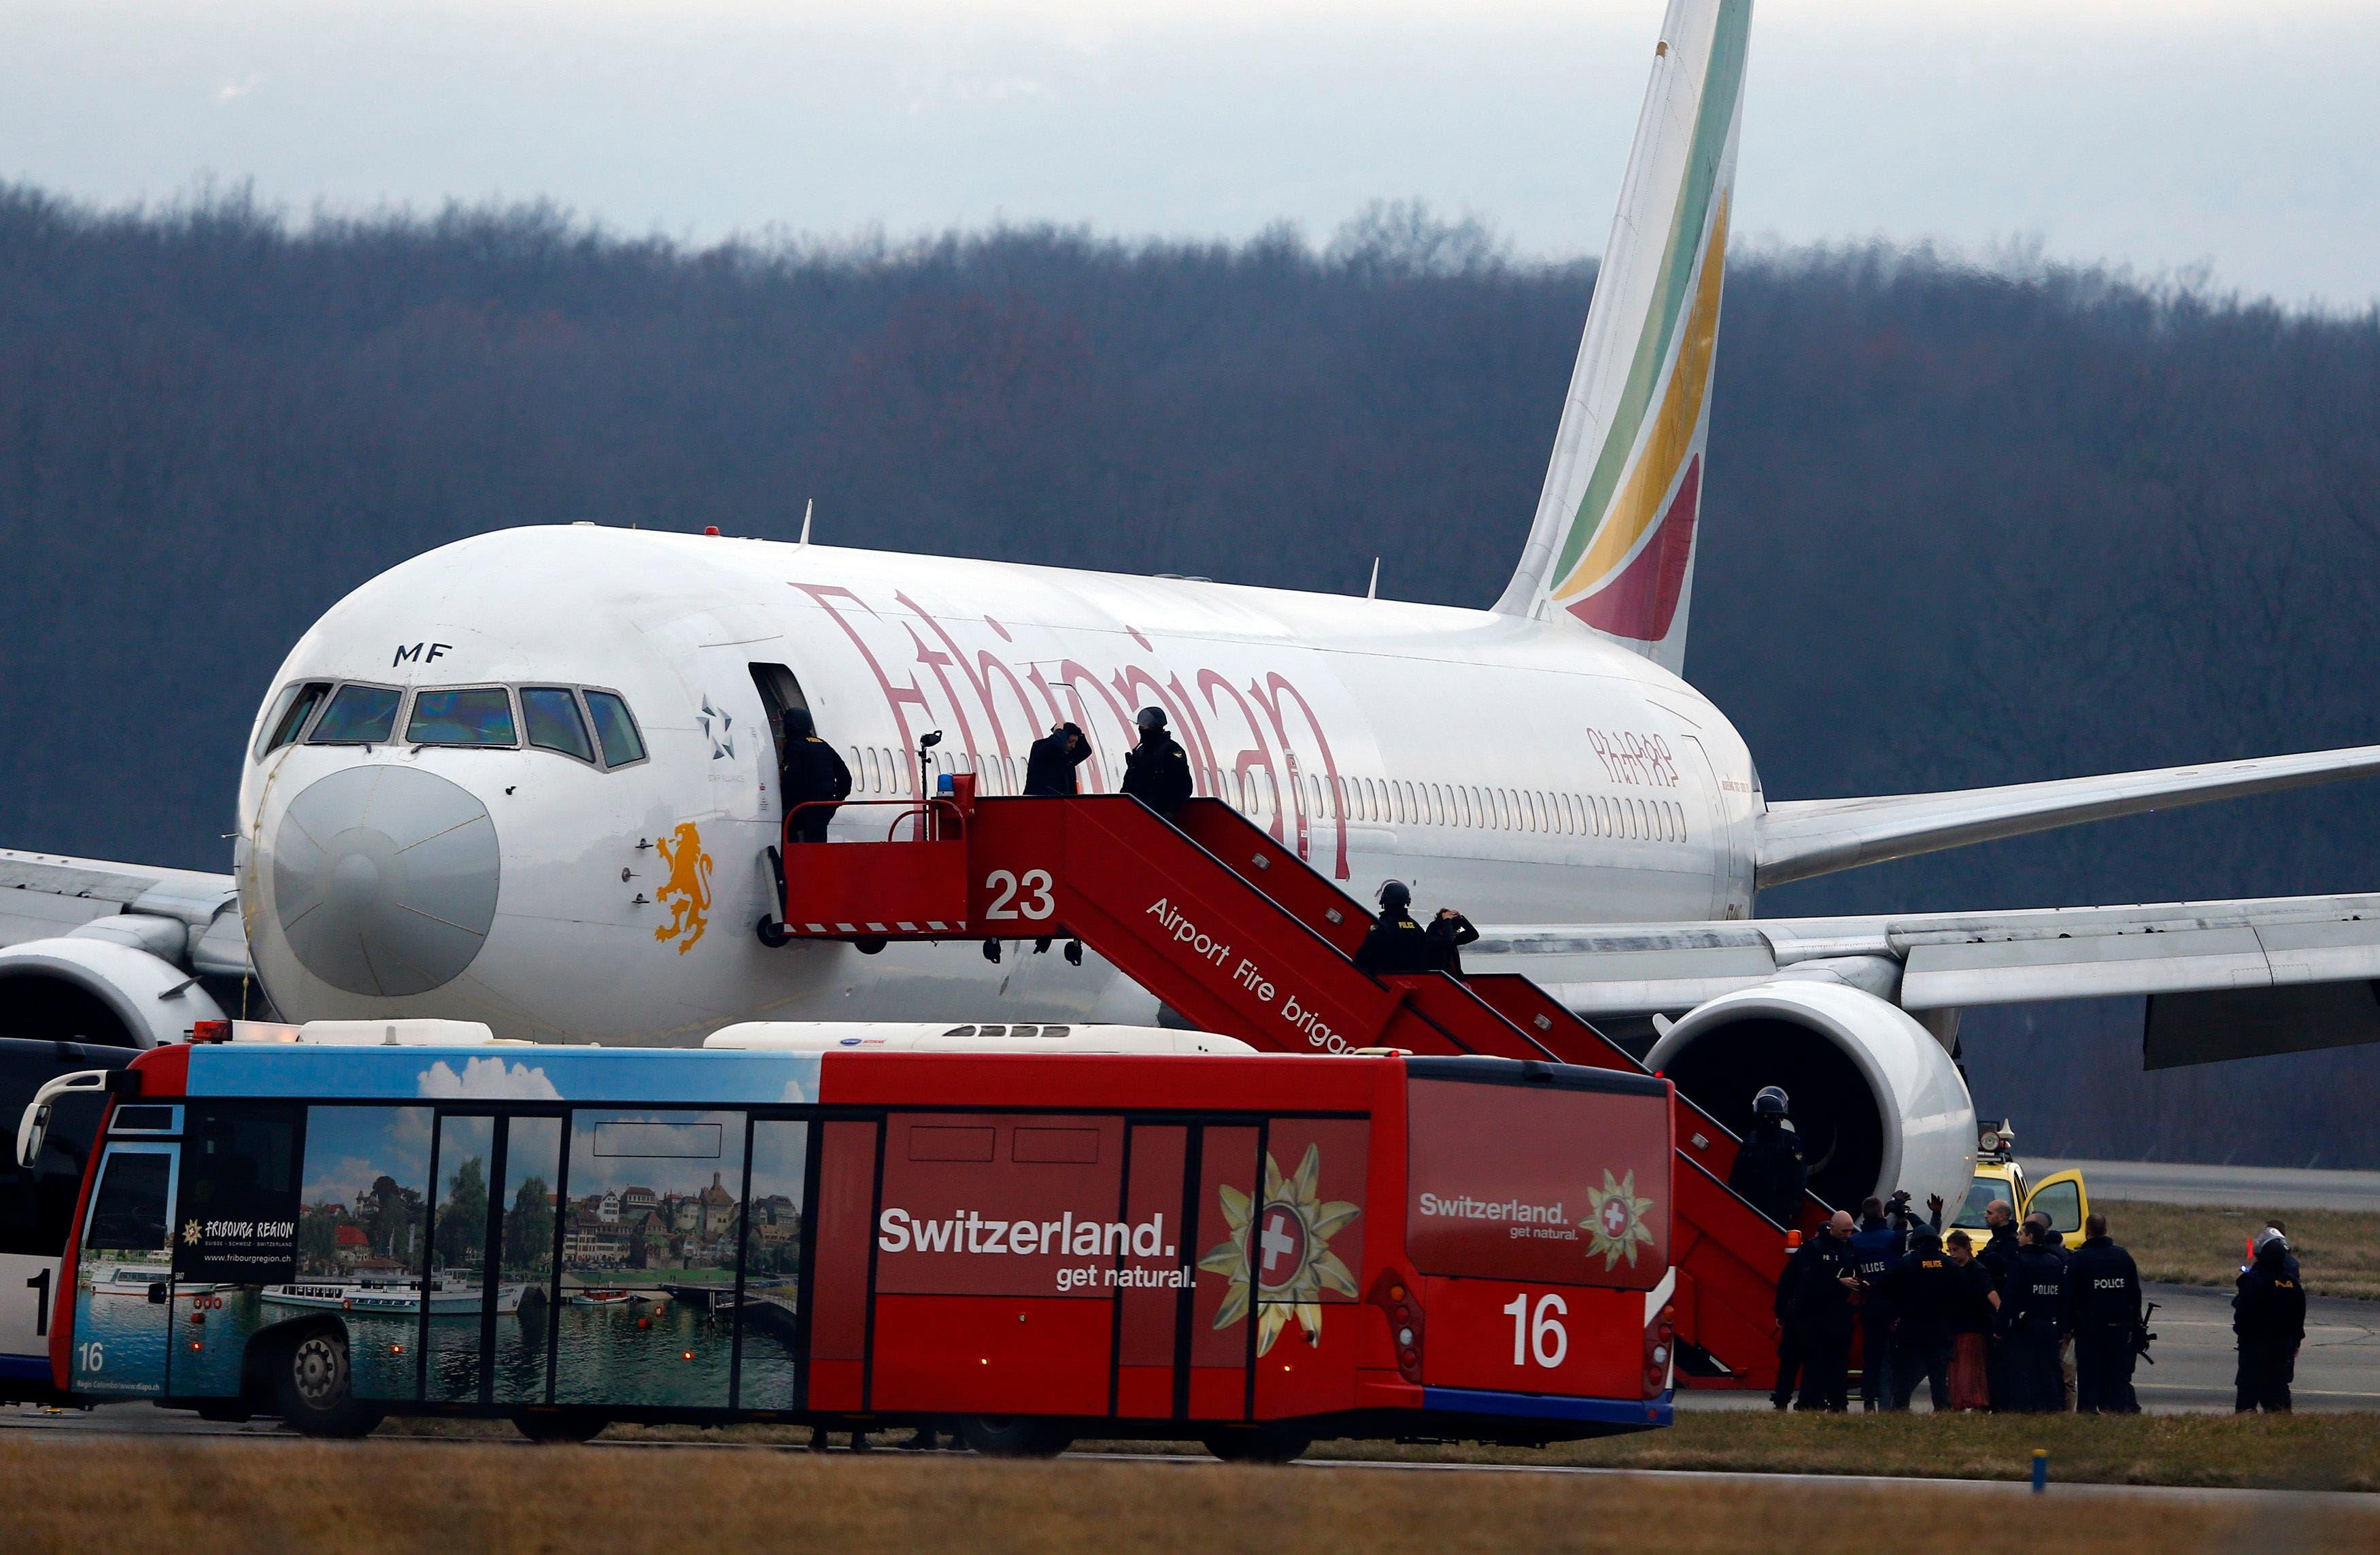 Hijacked aircraft lands at Geneva airport